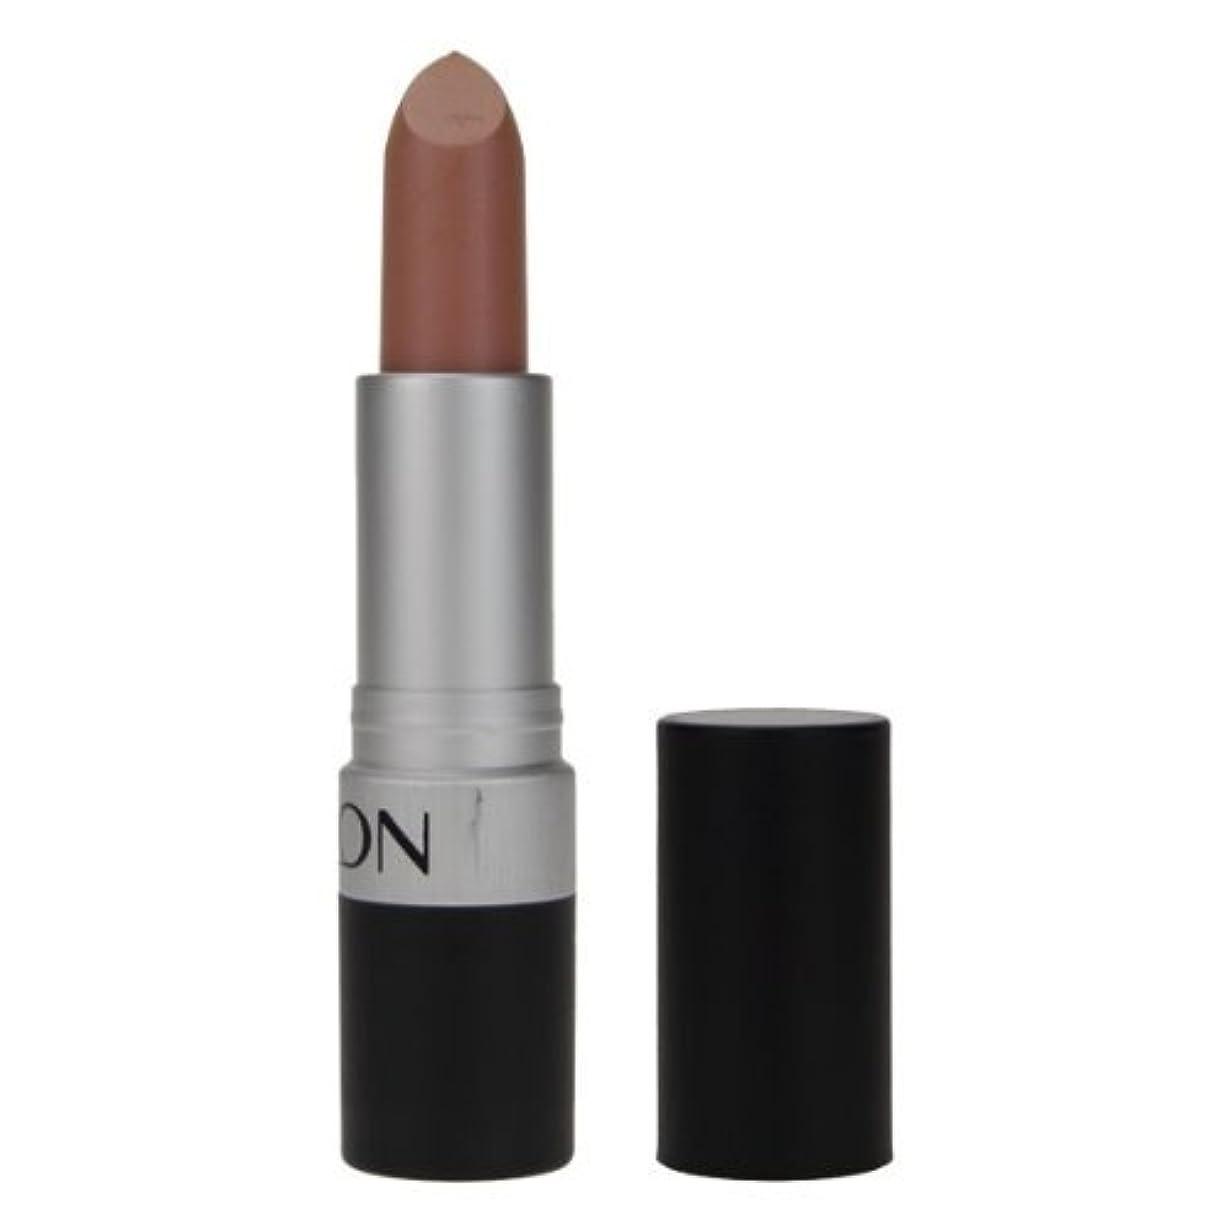 罰明らかに六REVLON Super Lustrous Lipstick Matte - Nude Attitude 001 (並行輸入品)